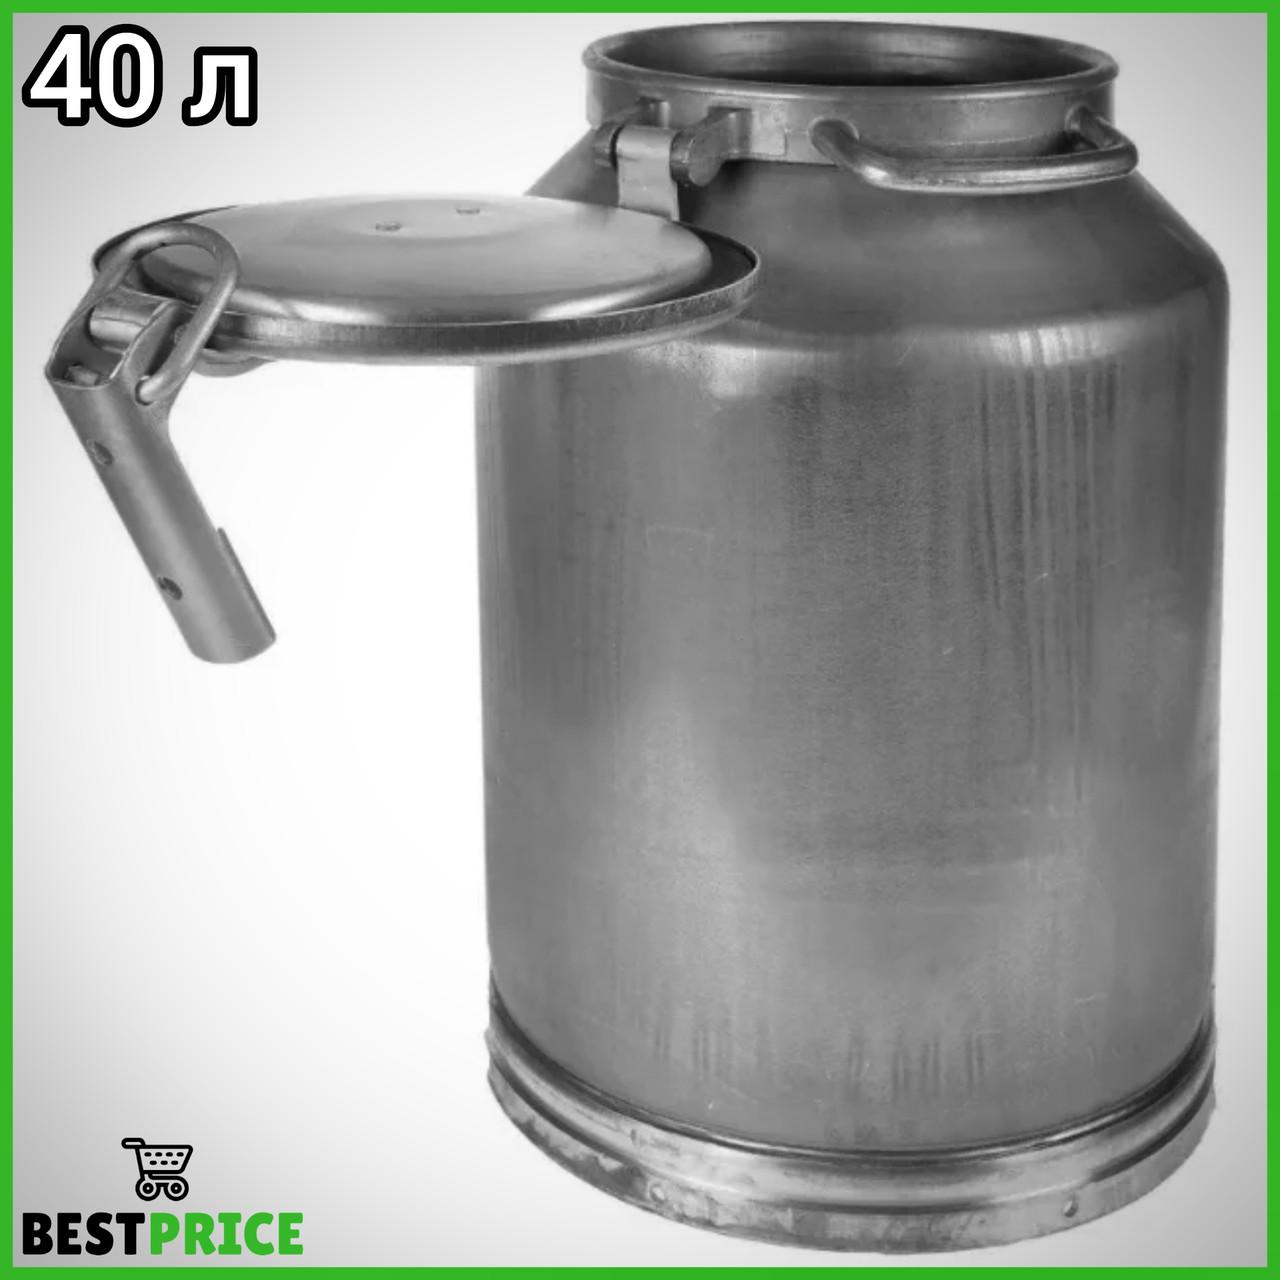 Купить бетон алюминиевый 40 основной способ уплотнения бетонной смеси